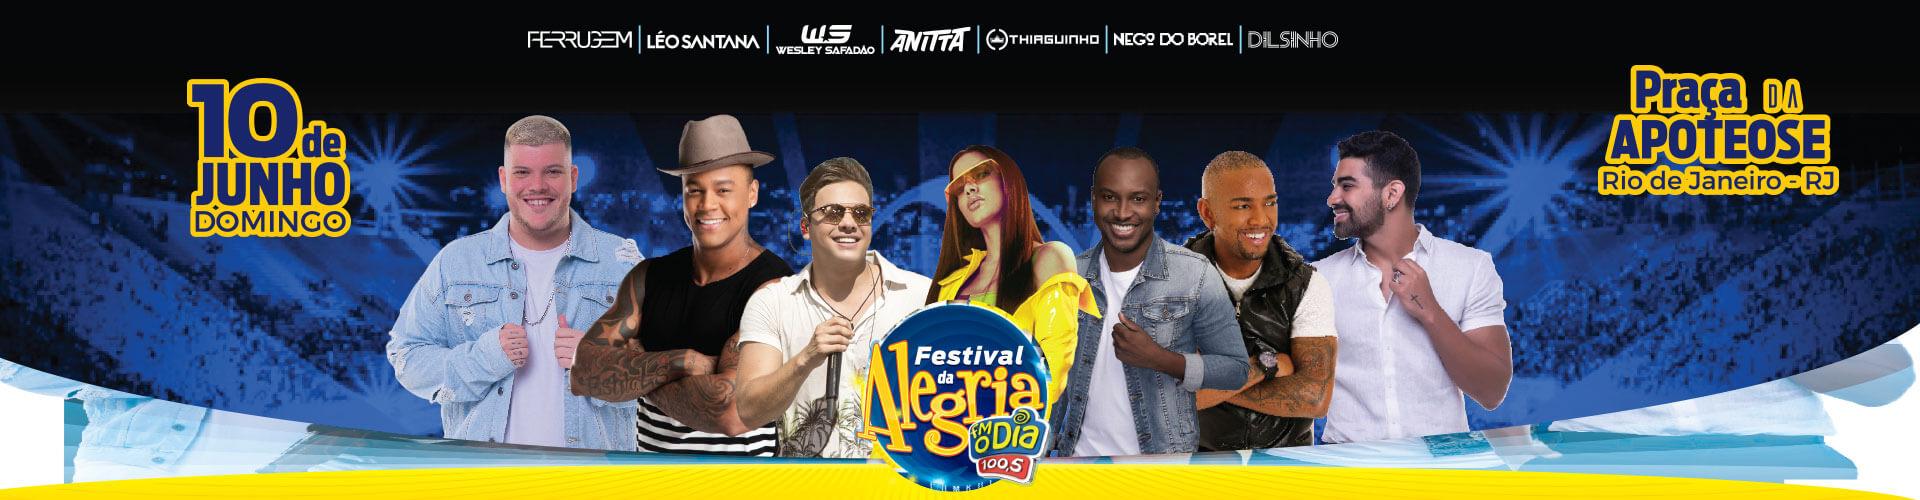 Festival da Alegria FM O Dia - 10/06/2018